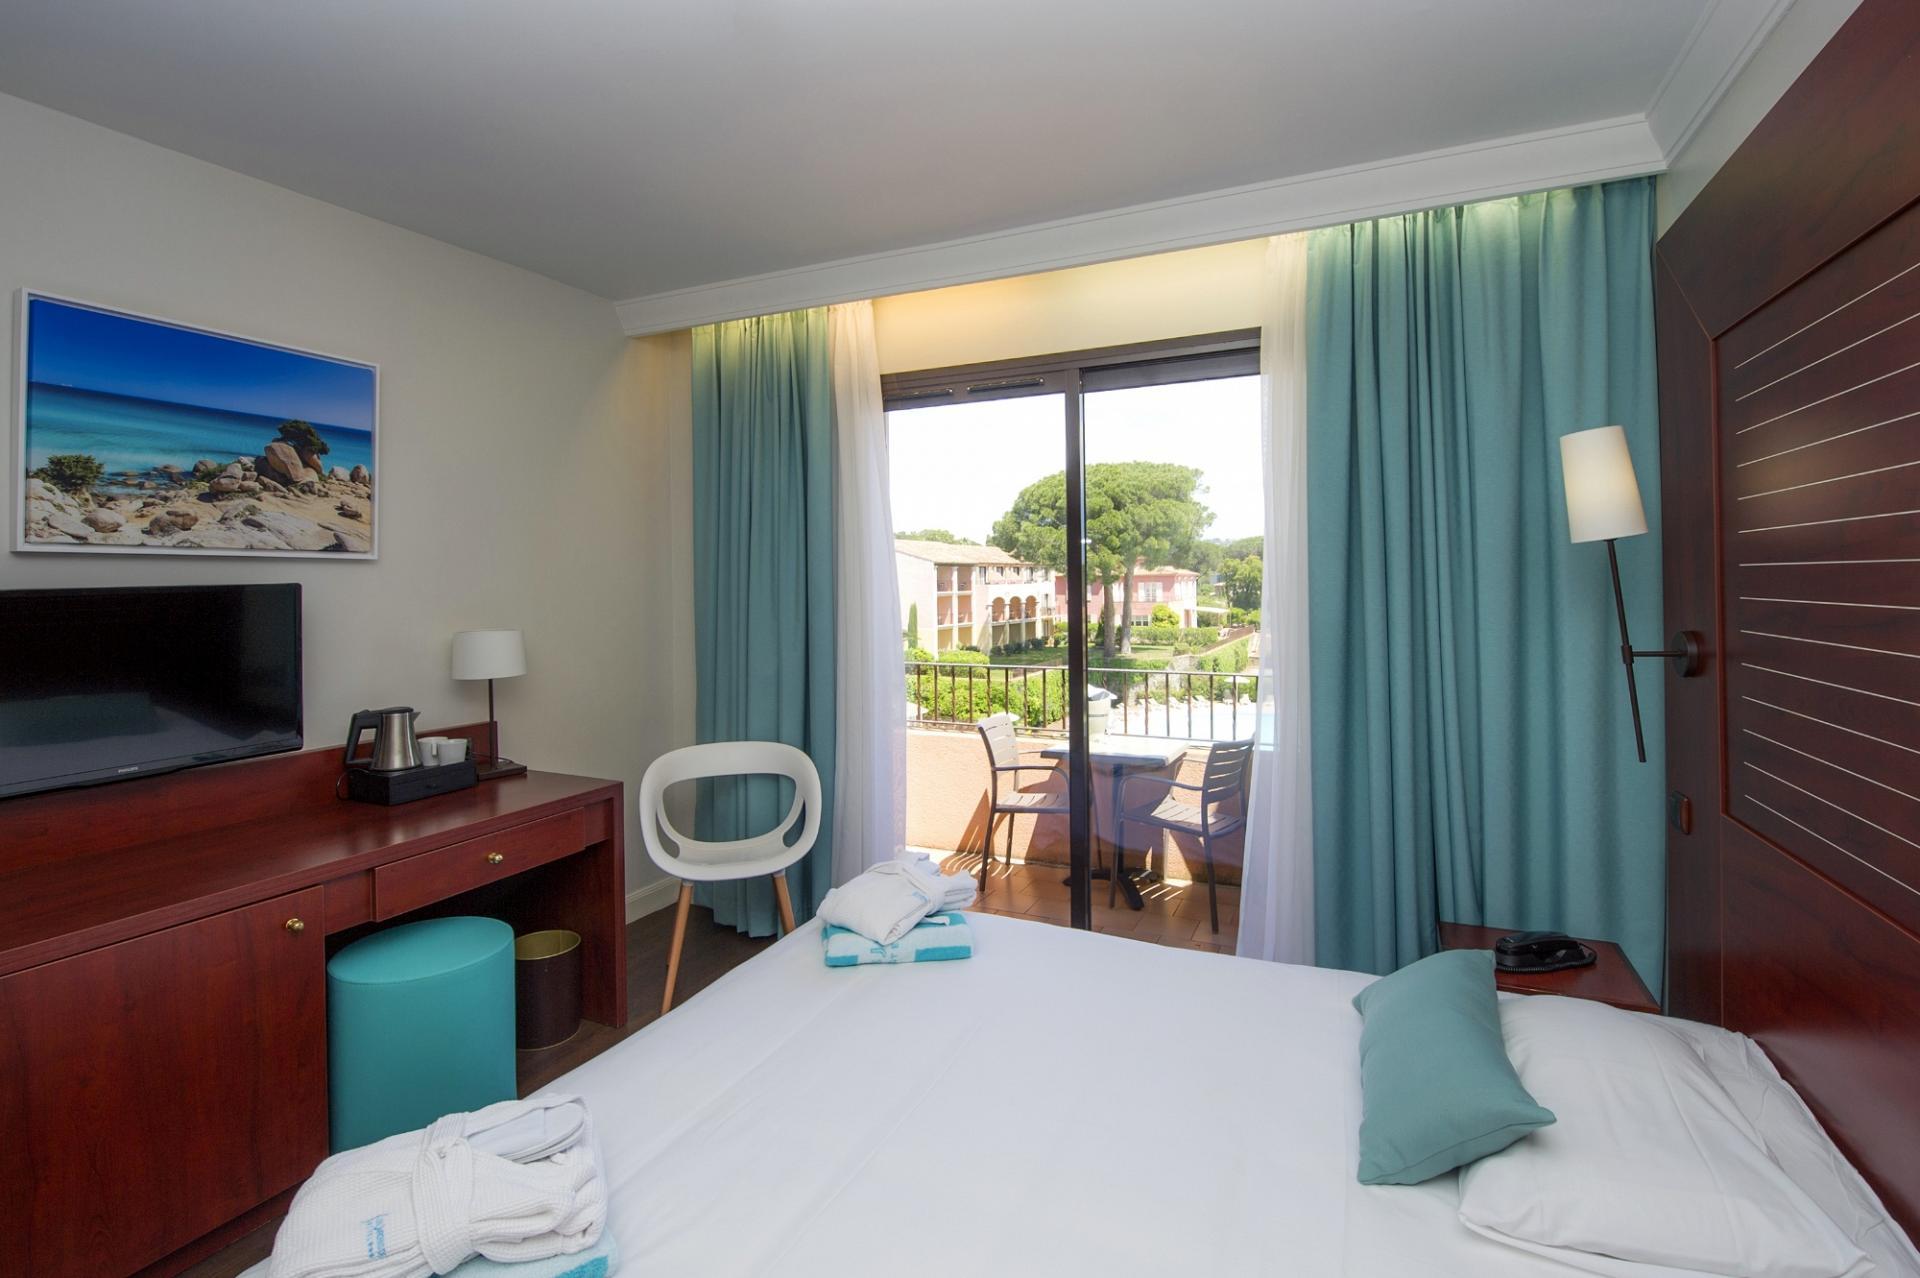 Stay At Hotel Les Jardins De Sainte-Maxime à Les Jardins De Ste Maxime